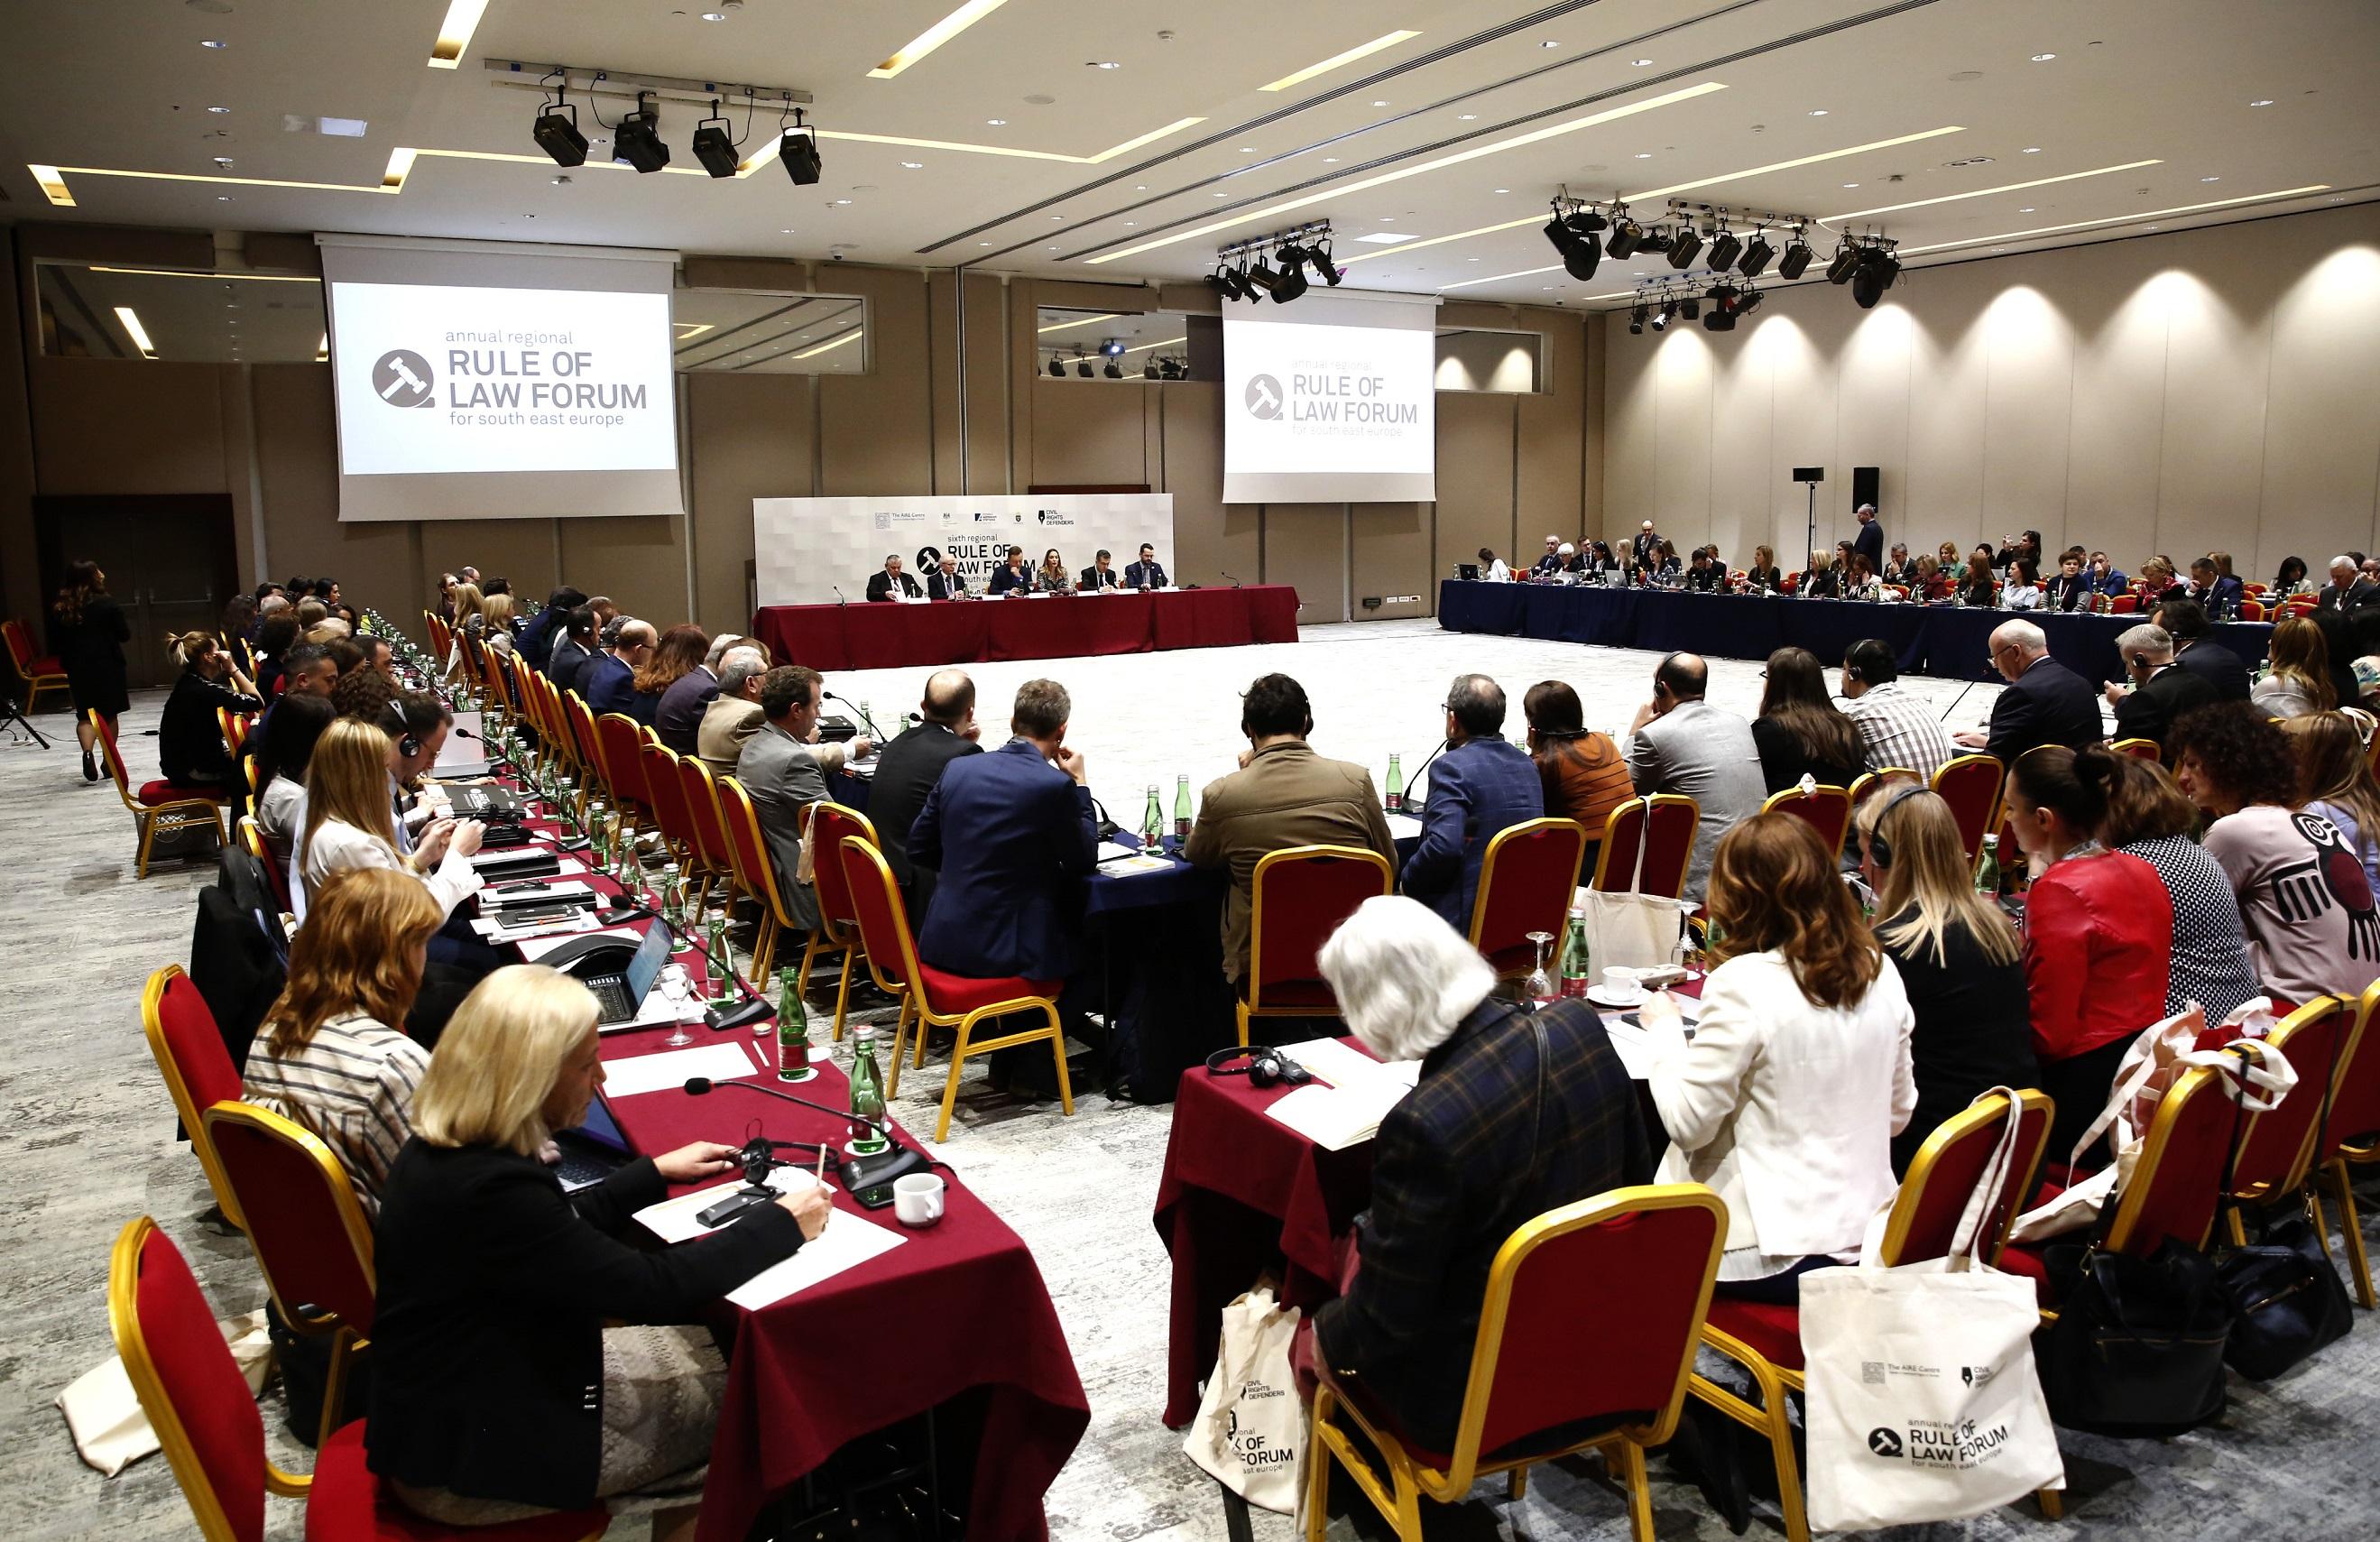 """Kryetari i Gjykatës së Lartë Z. Xhezair Zaganjori mori pjesë në Konferencën Ndërkombëtare me temë """"Të Drejtat e Fëmijëve dhe Gjykata Evropiane e të Drejtave të Njeriut"""", zhvilluar në datat 22-23 Mars 2019 në Dubrovnik, Kroaci."""